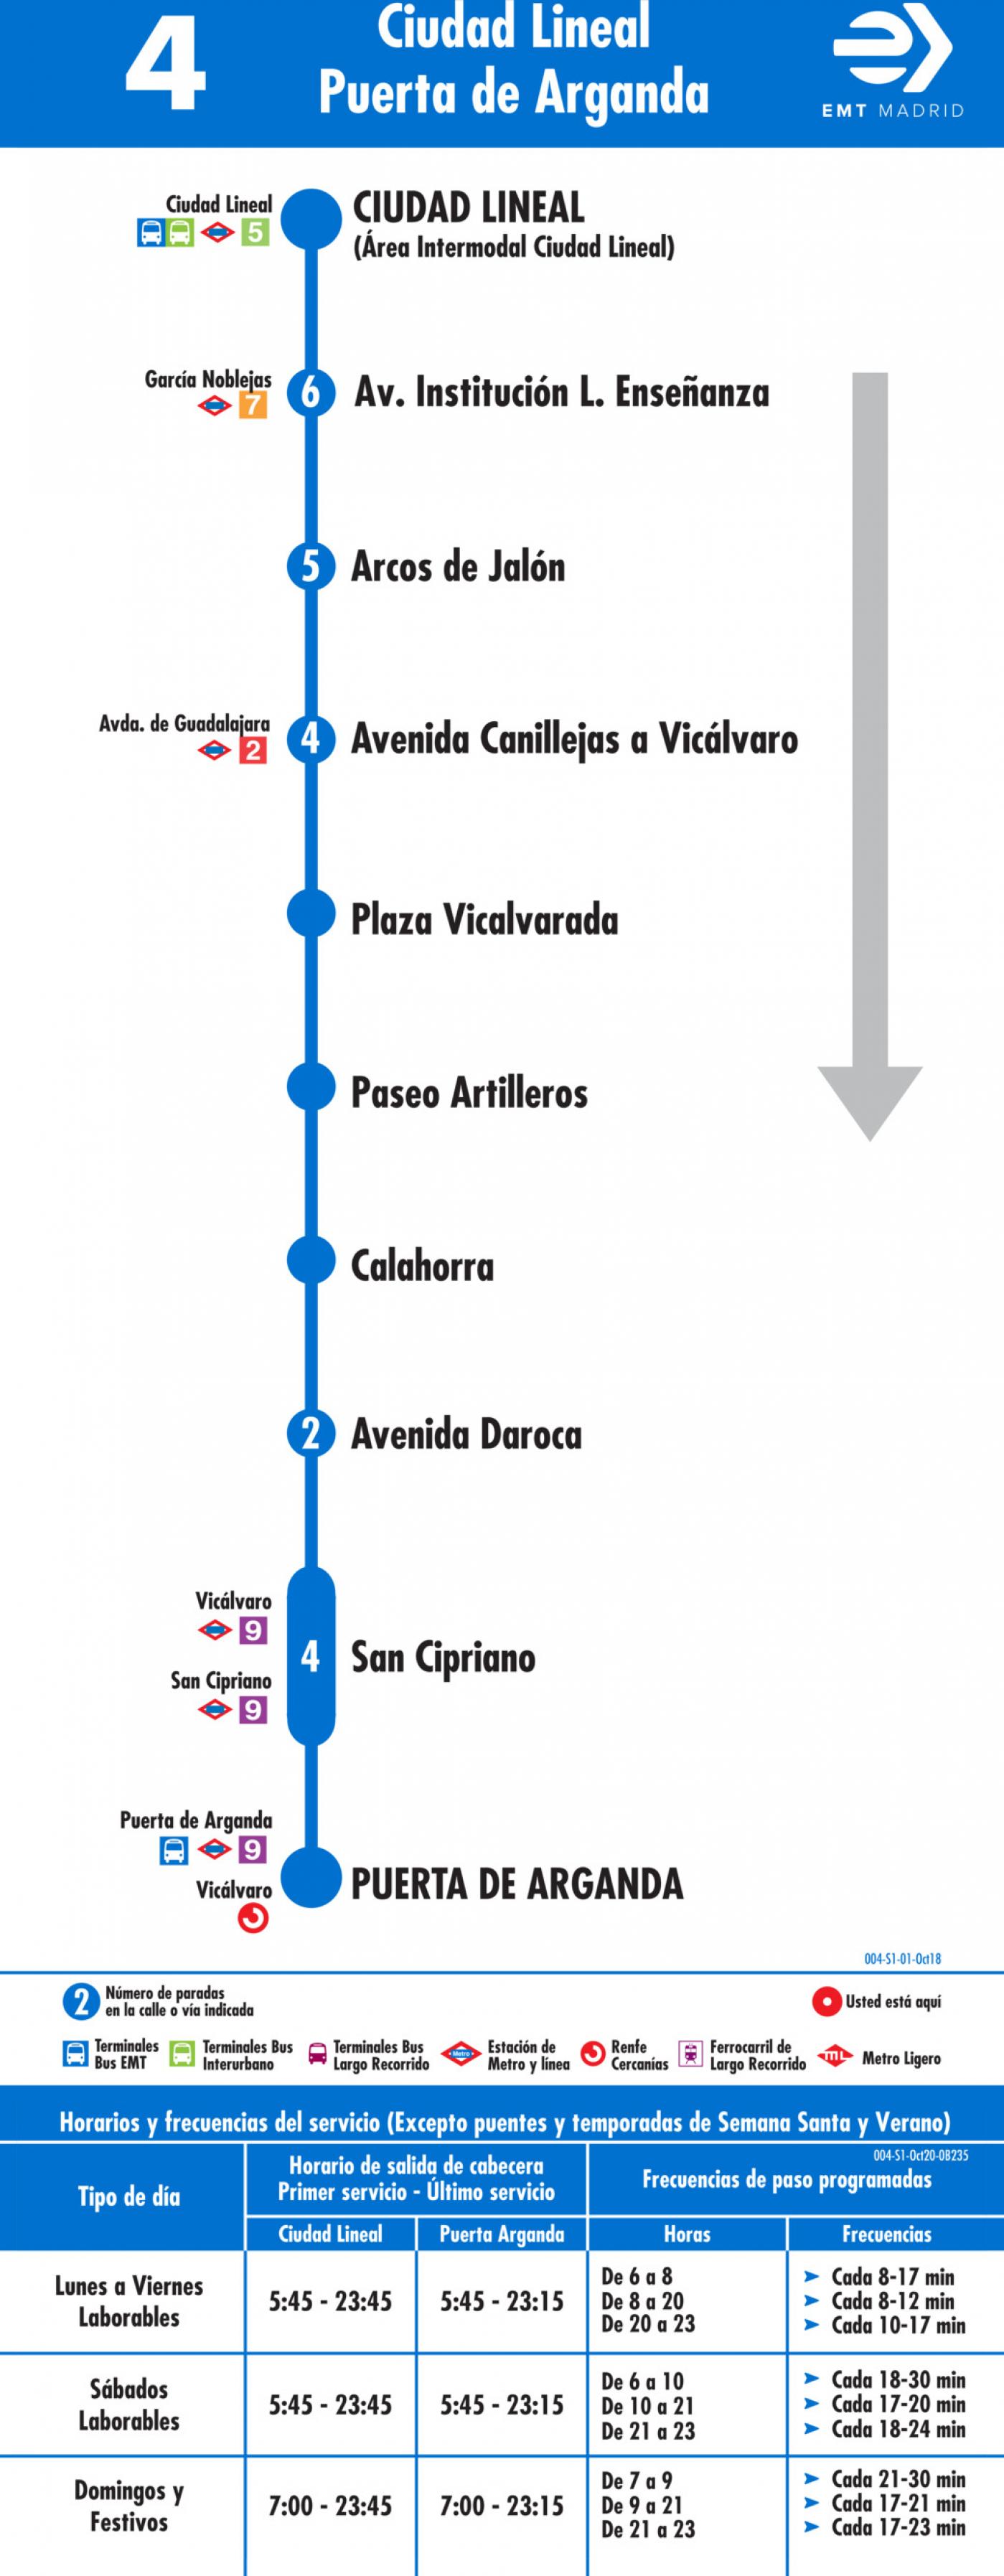 Tabla de horarios y frecuencias de paso en sentido ida Línea 4: Plaza de Ciudad Lineal - Puerta de Arganda